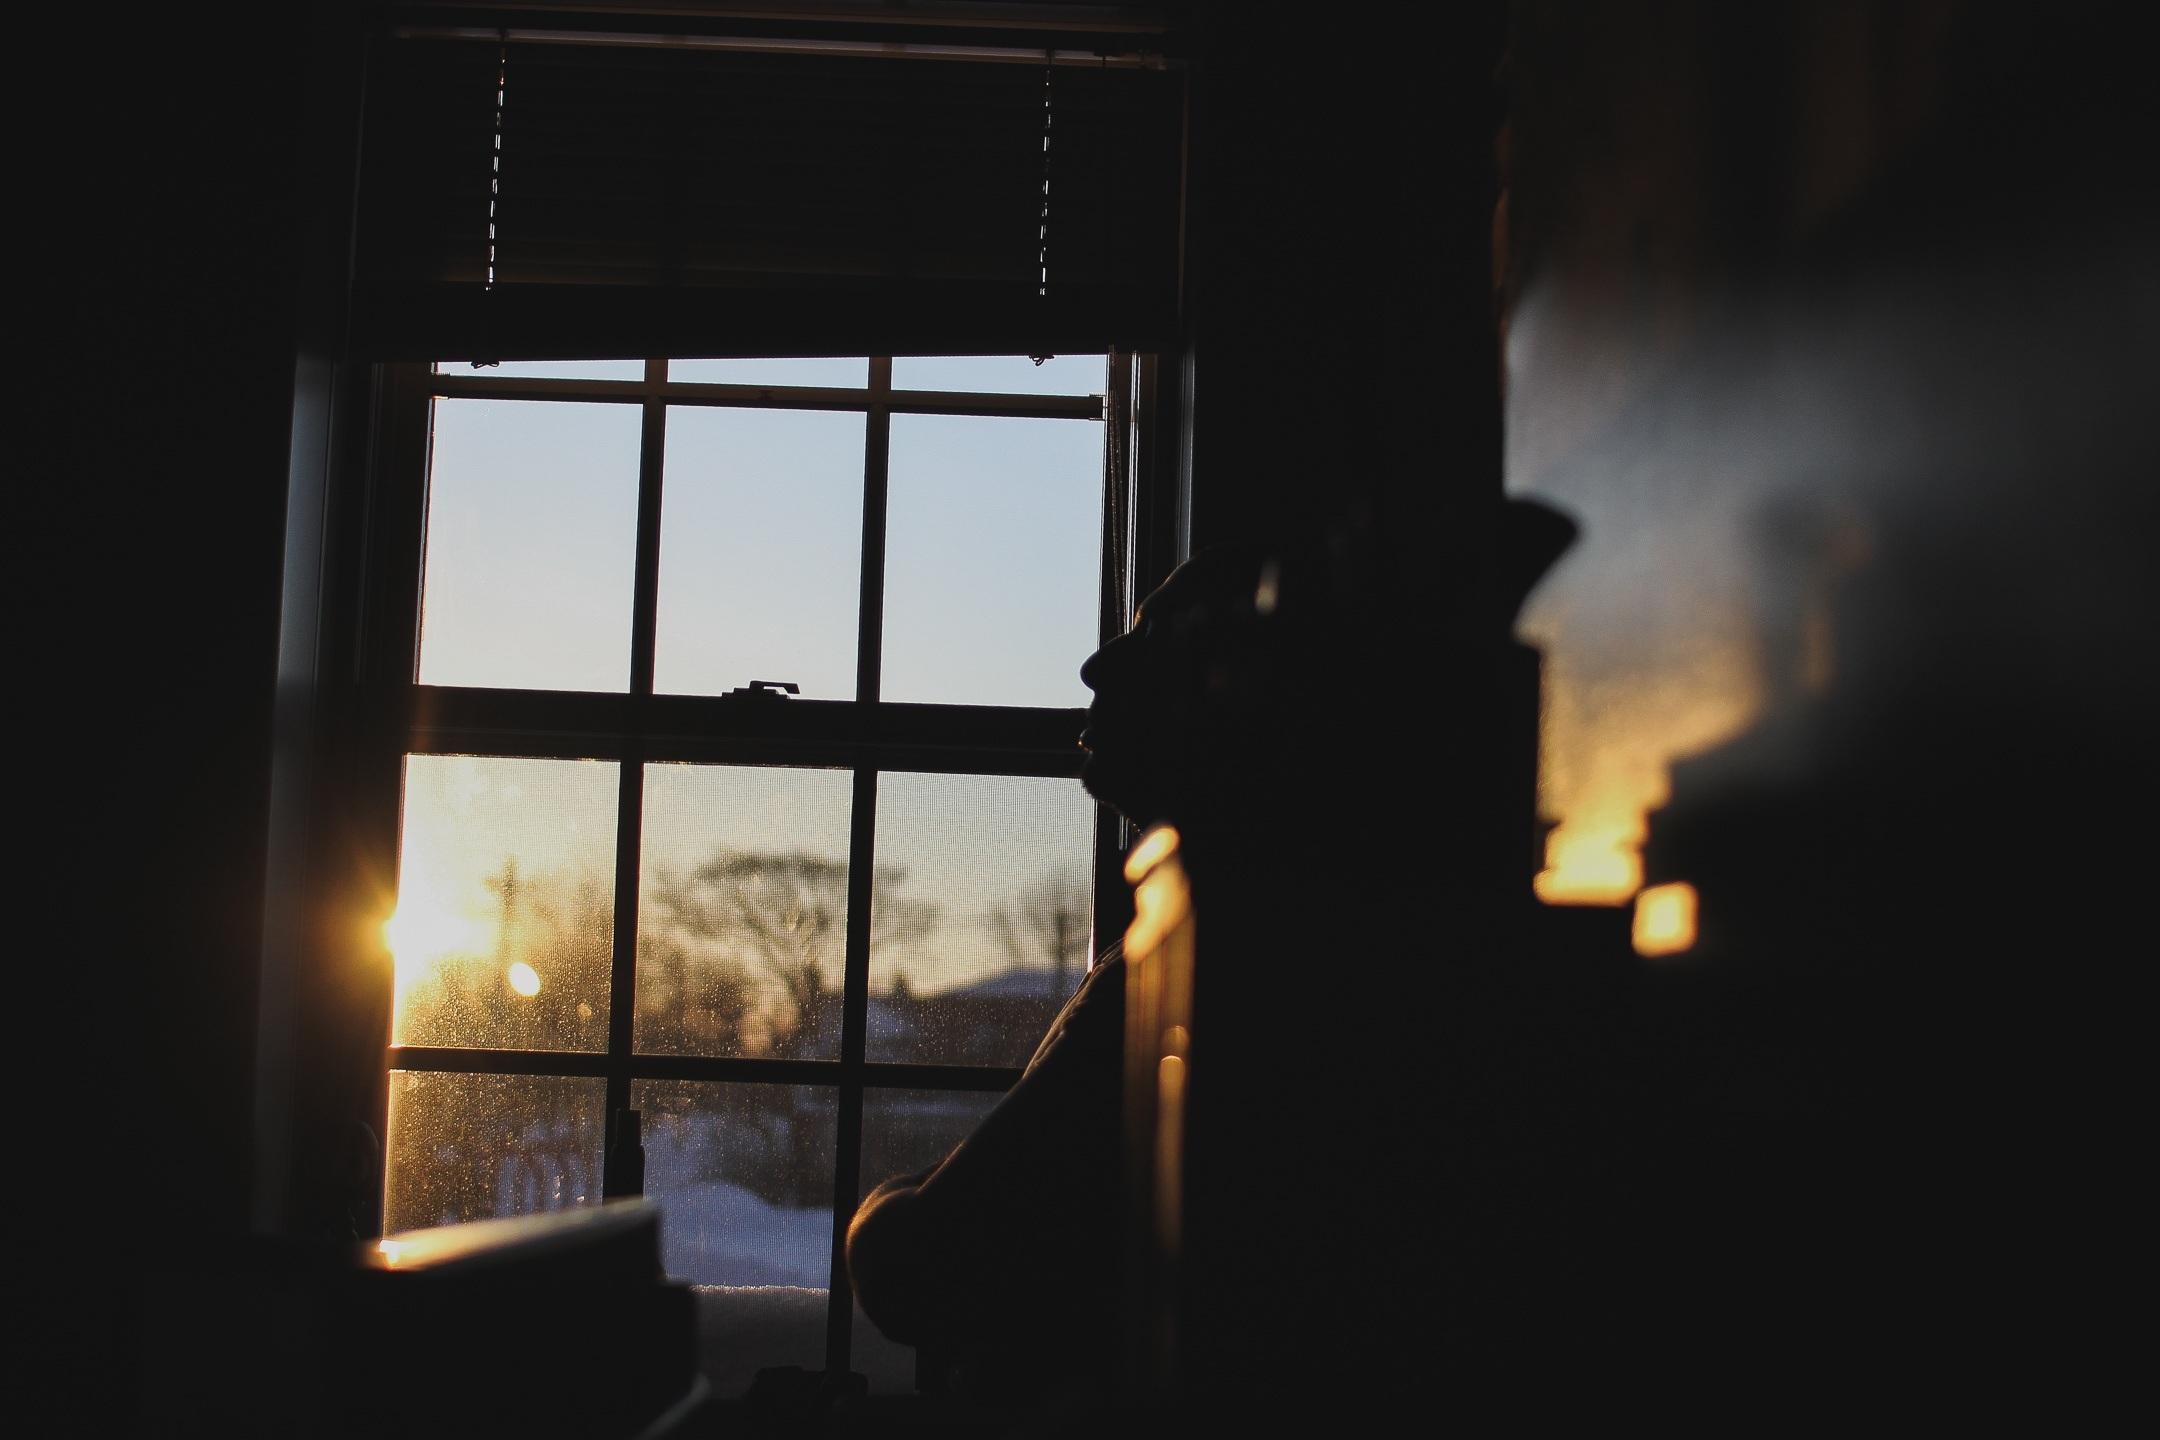 05230fddd4 Fotos gratis : hombre, mesa, persona, ligero, puesta de sol, noche, luz de  sol, asiento, ventana, solo, masculino, pensando, pensamiento, reflexión,  color, ...